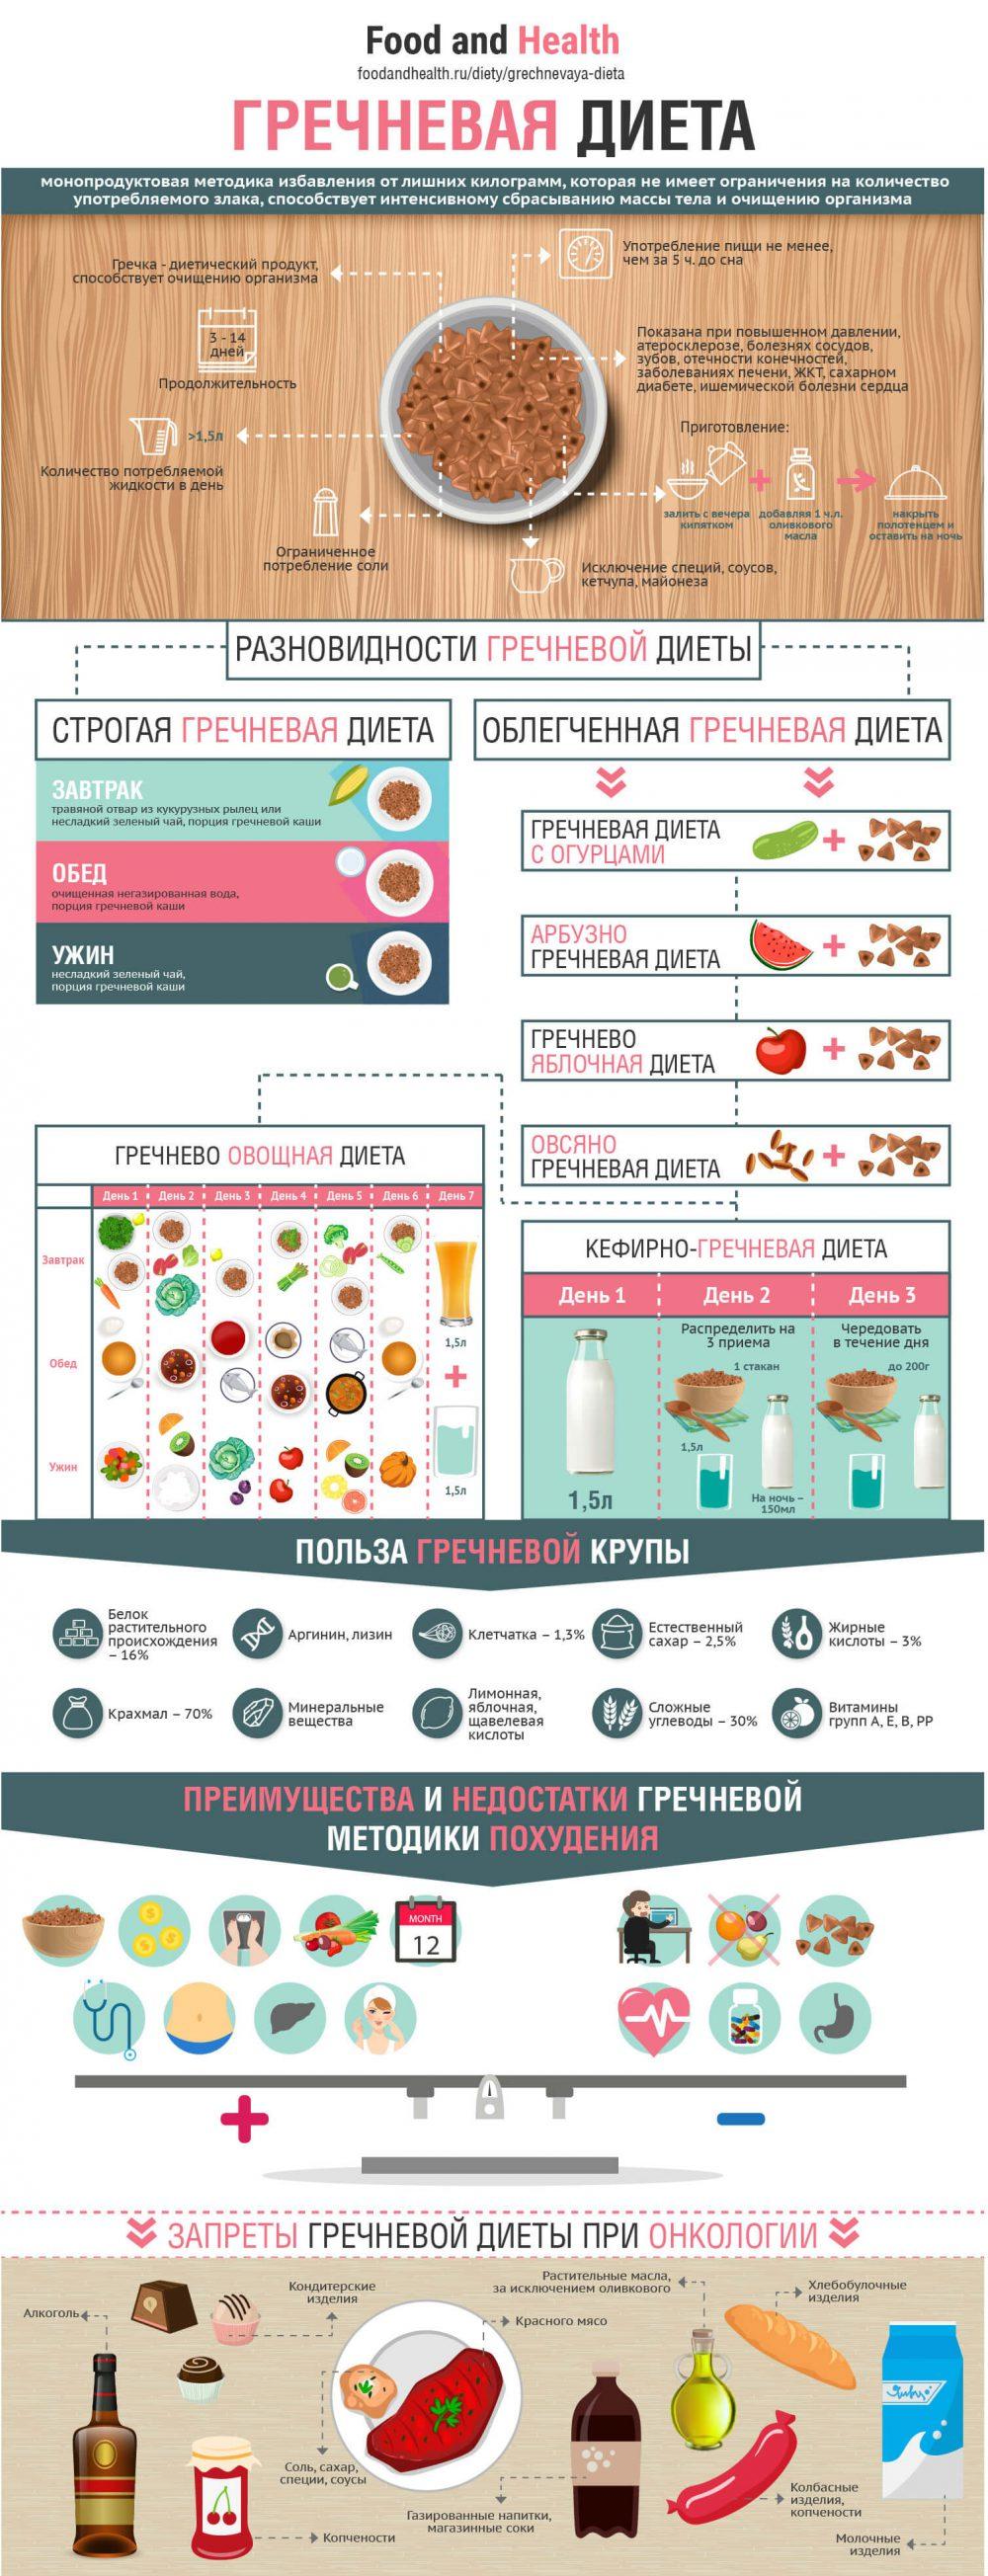 Гречневая диета - инфографика